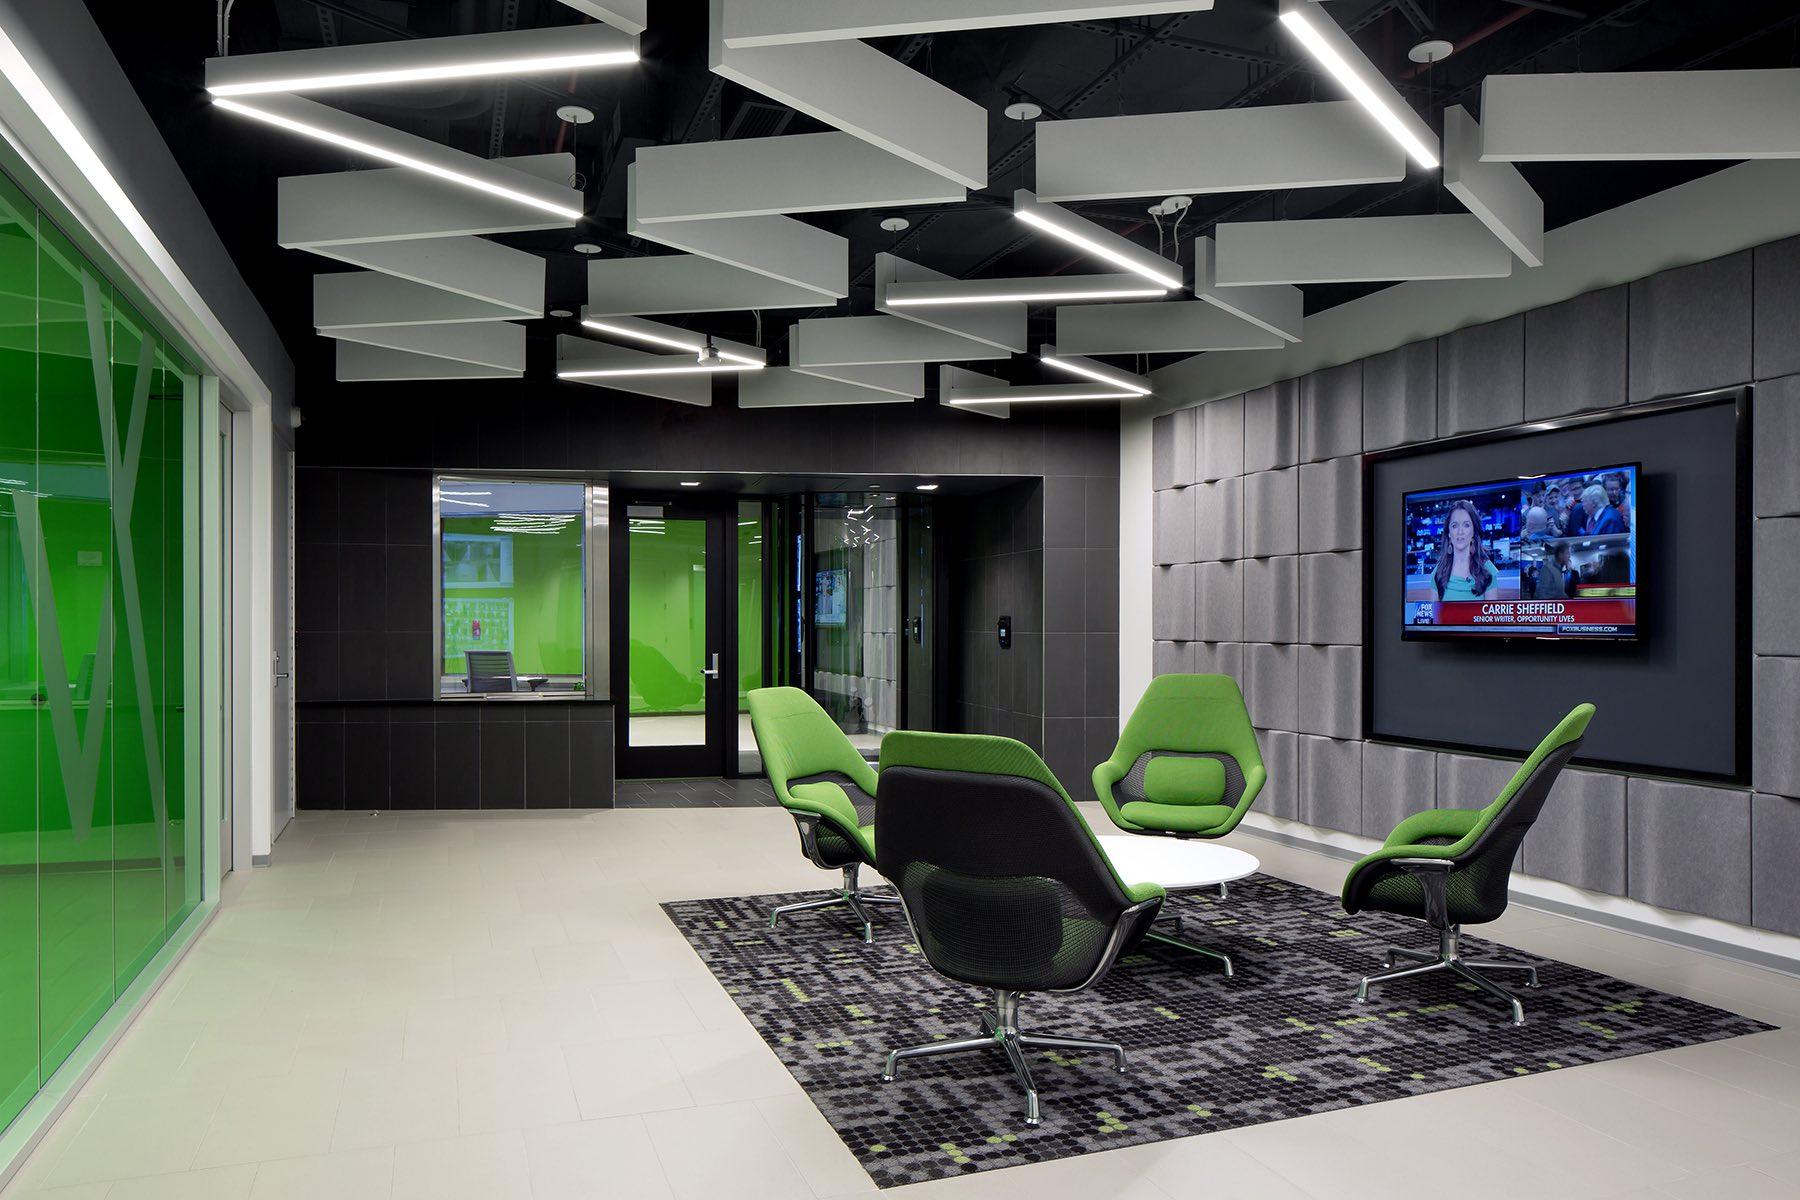 vxchnge-office-1